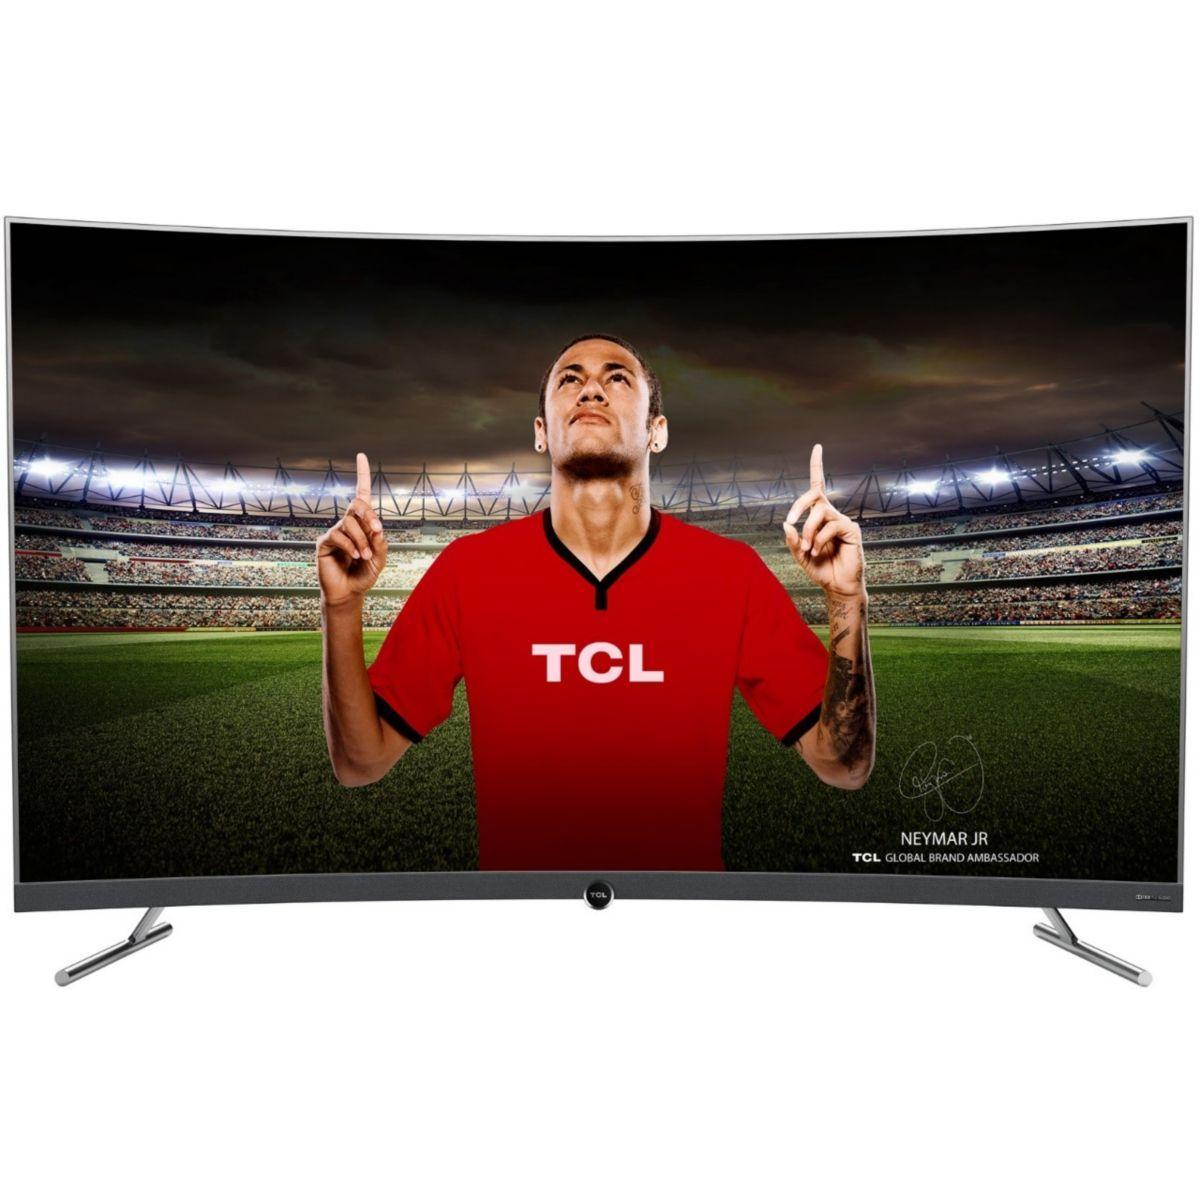 Tv led tcl 65dp670 incurve - 15% de remise imm�diate avec le code : deal15